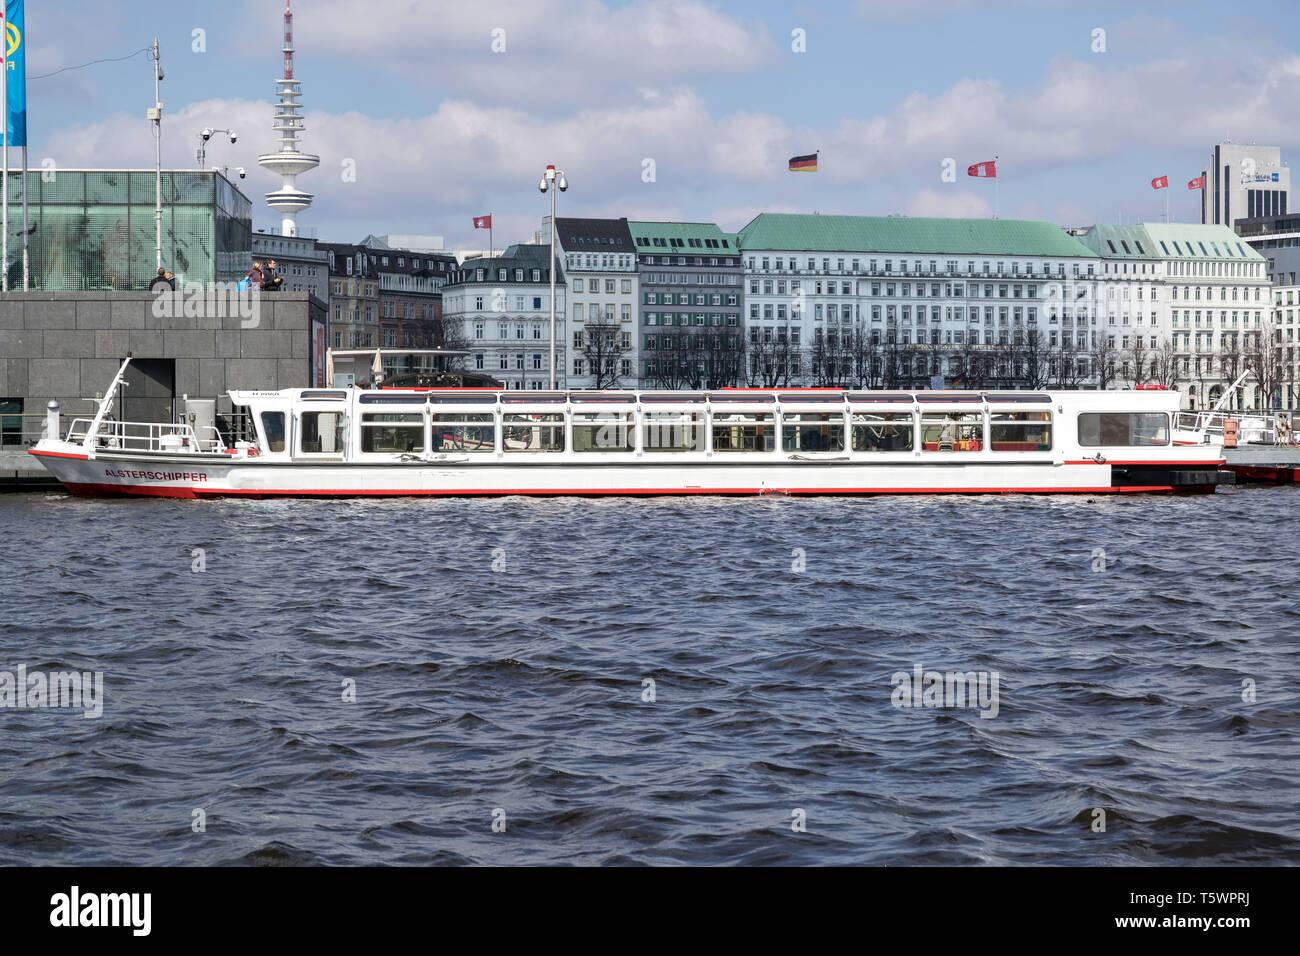 flat bottom vessel ALSTERSCHIPPER on the Inner Alster in Hamburg, Germany - Stock Image